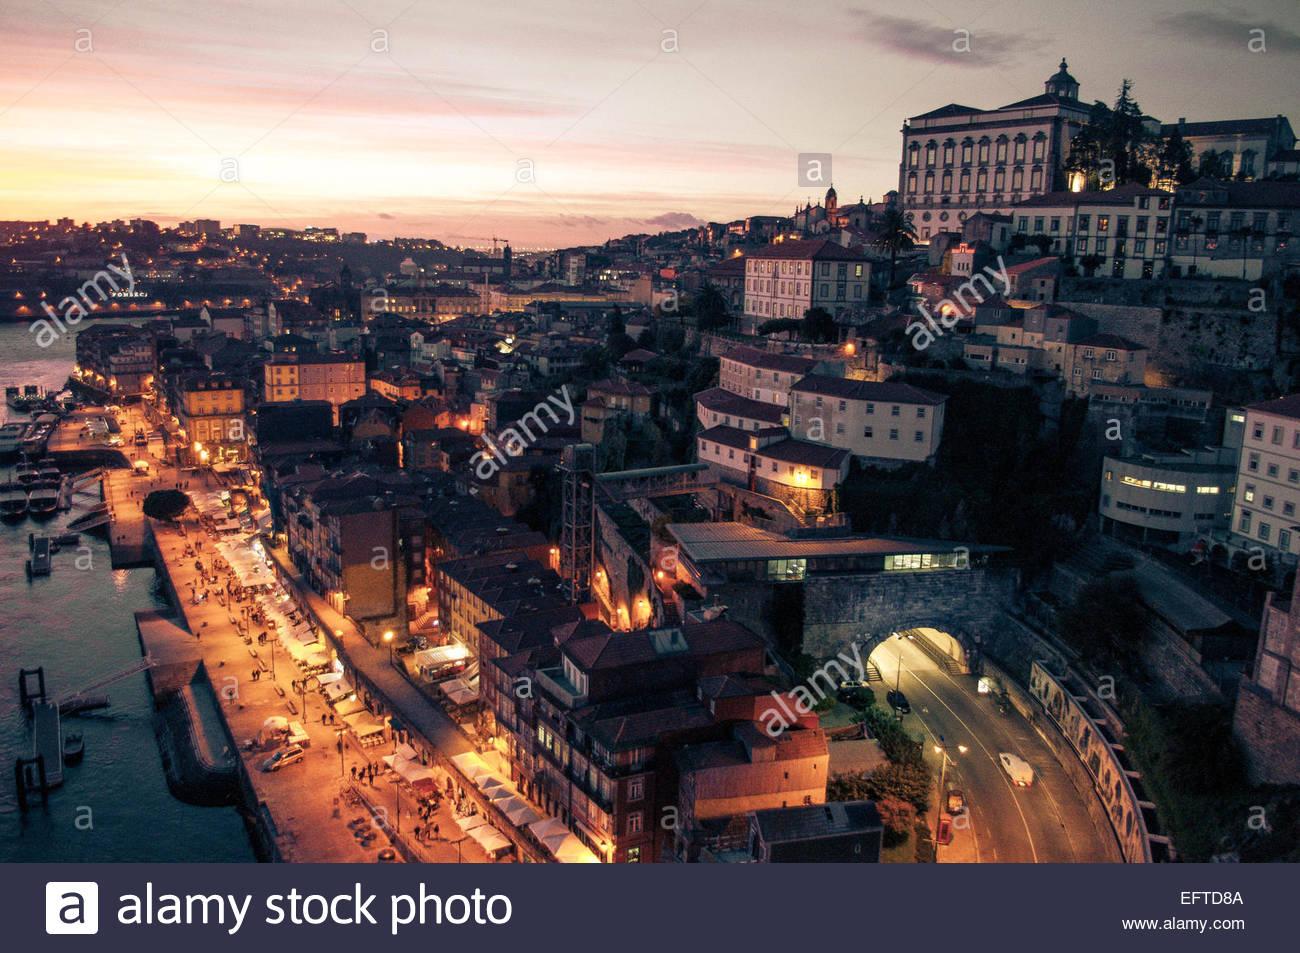 Beleuchtete Flussufer Stadtbild Stockbild